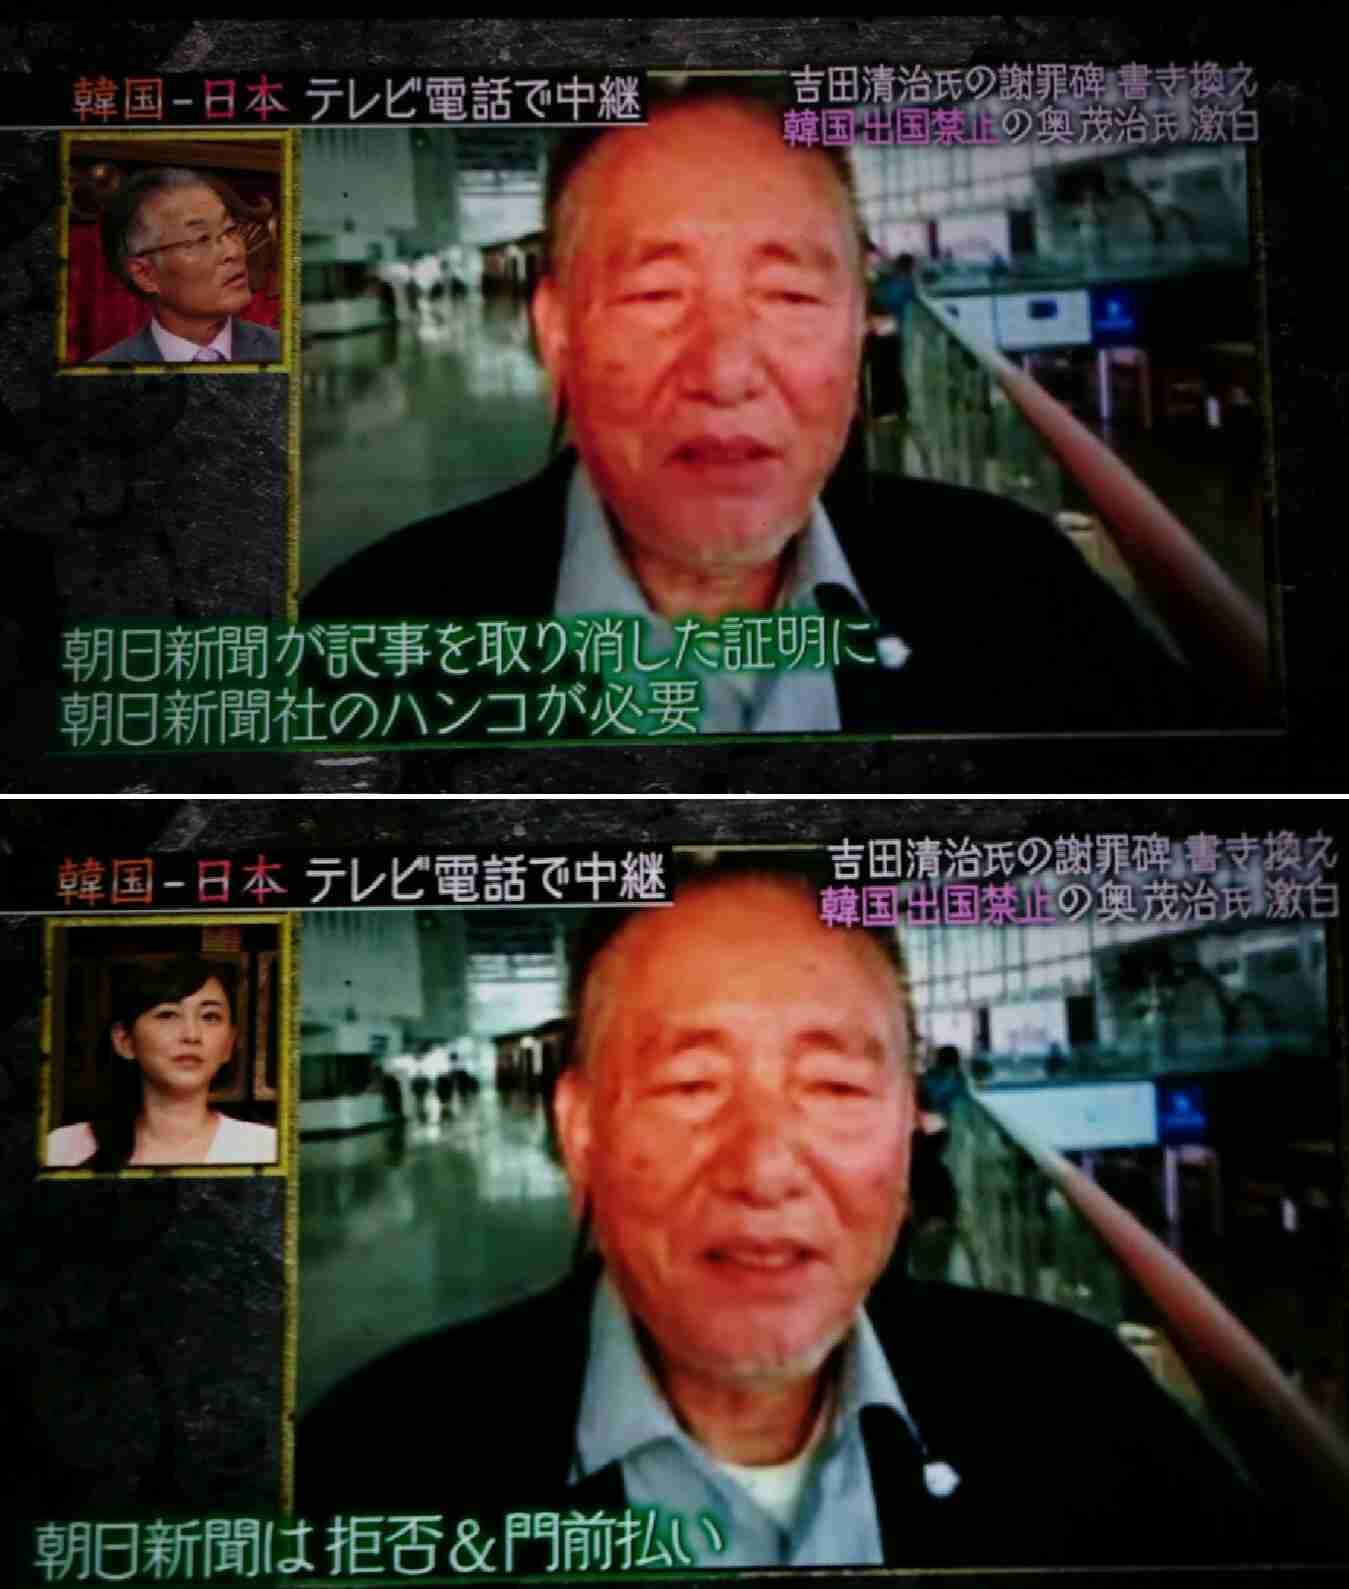 東京五輪の開会式、祝日に 20年のみ 法改正案提出へ